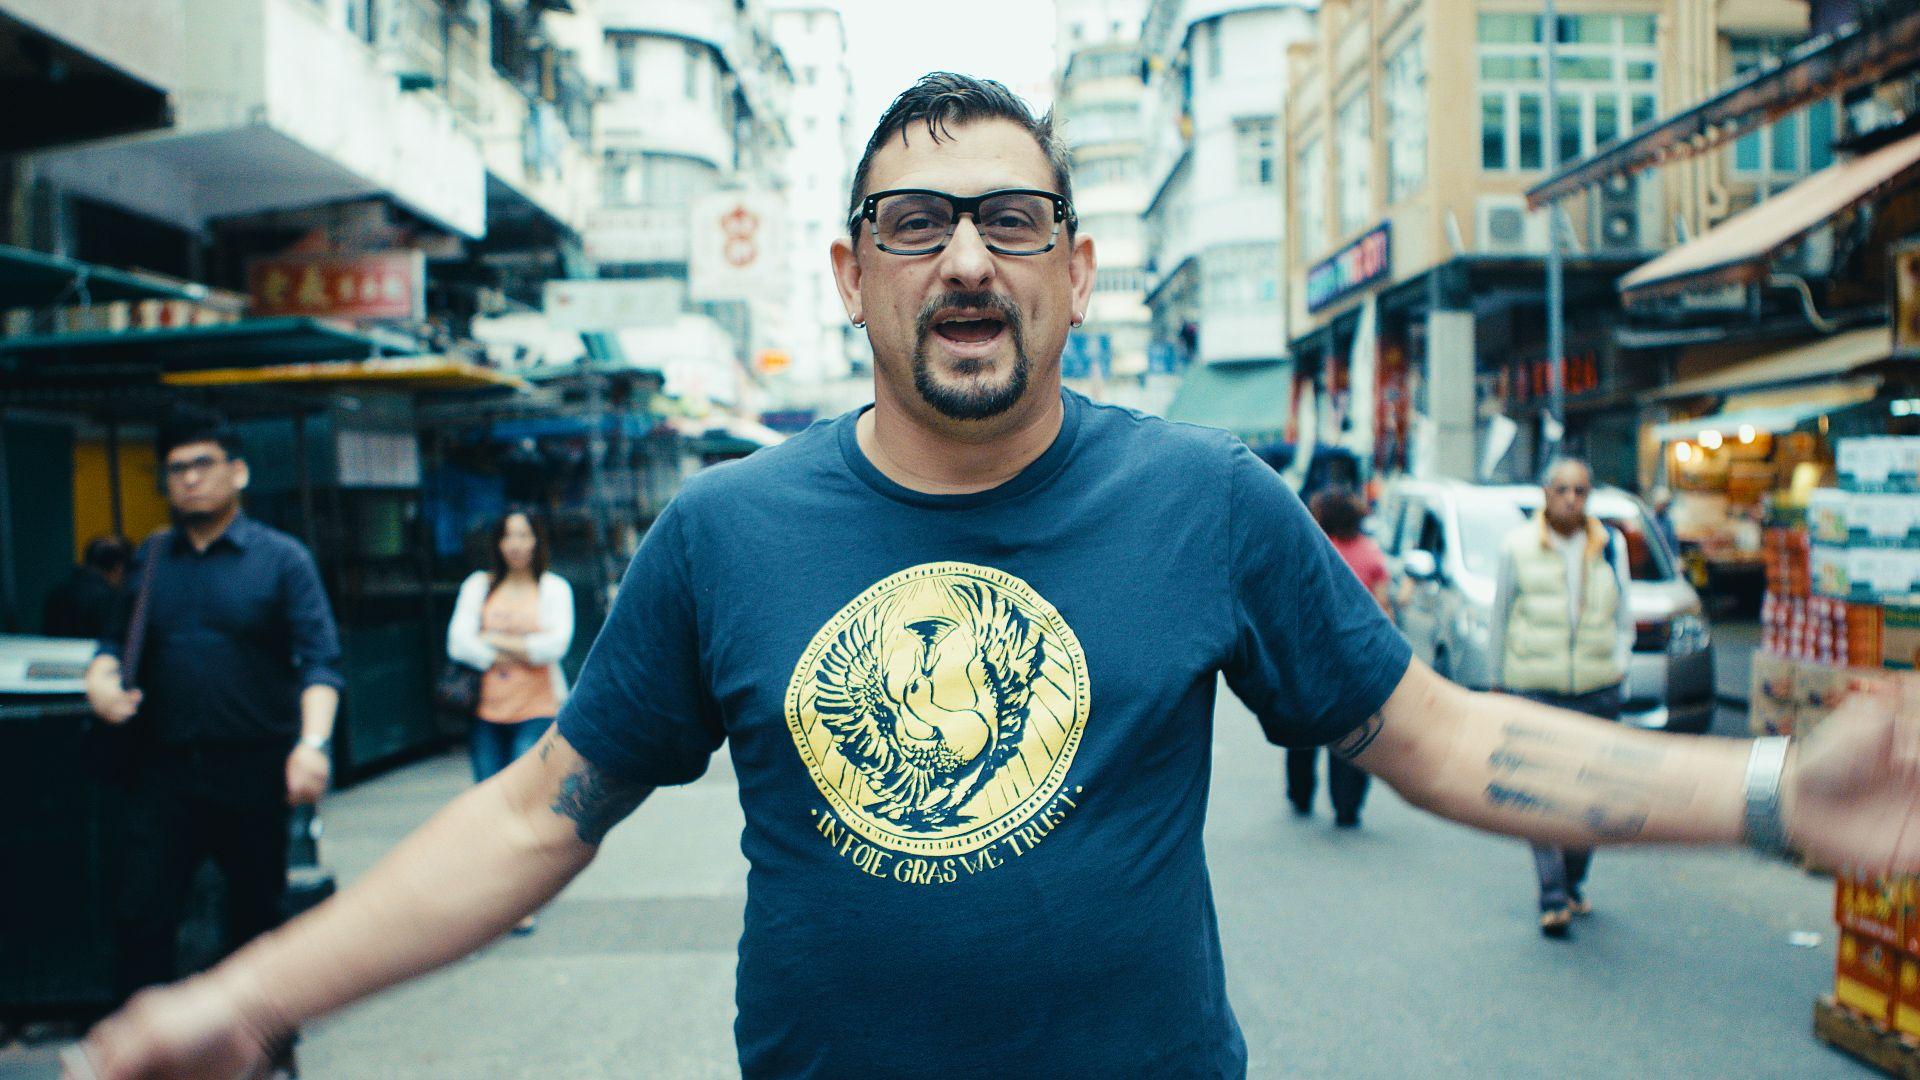 FOOD & WINE MAGAZINE - CHEF CHRIS COSENTINO IN HONG KONG